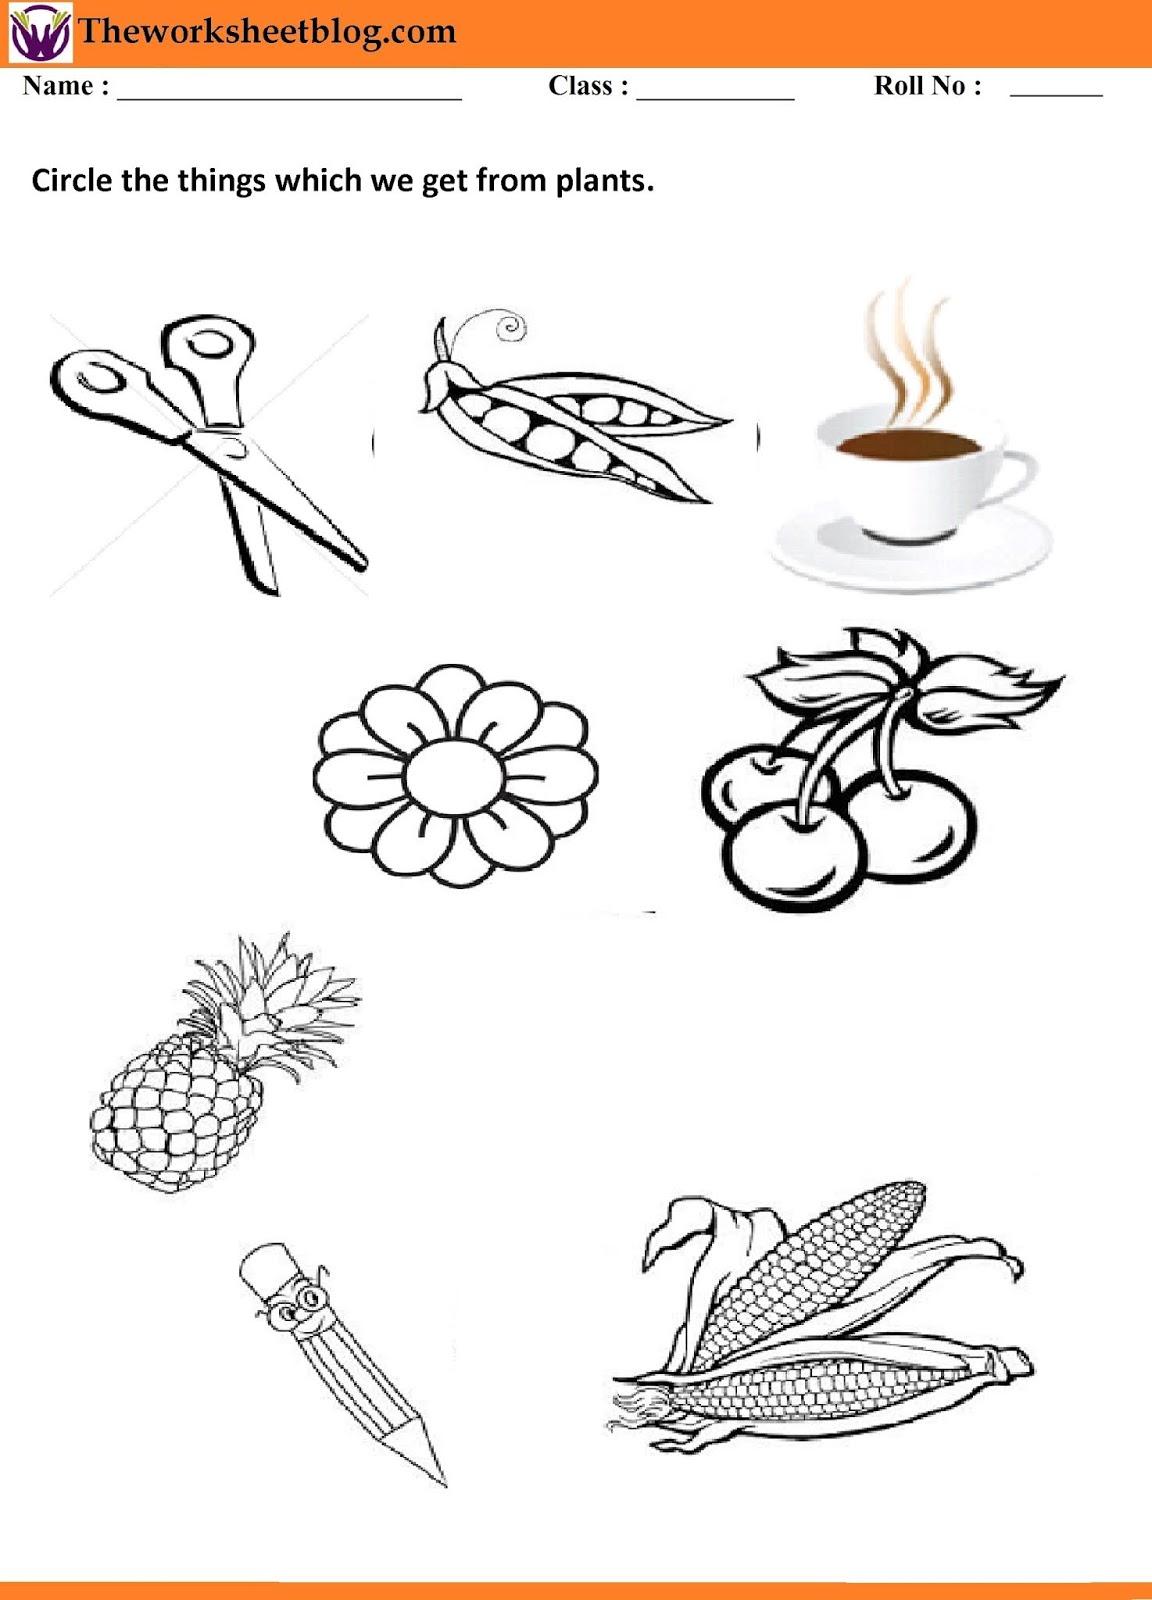 plants around us worksheets theworksheetsblog. Black Bedroom Furniture Sets. Home Design Ideas